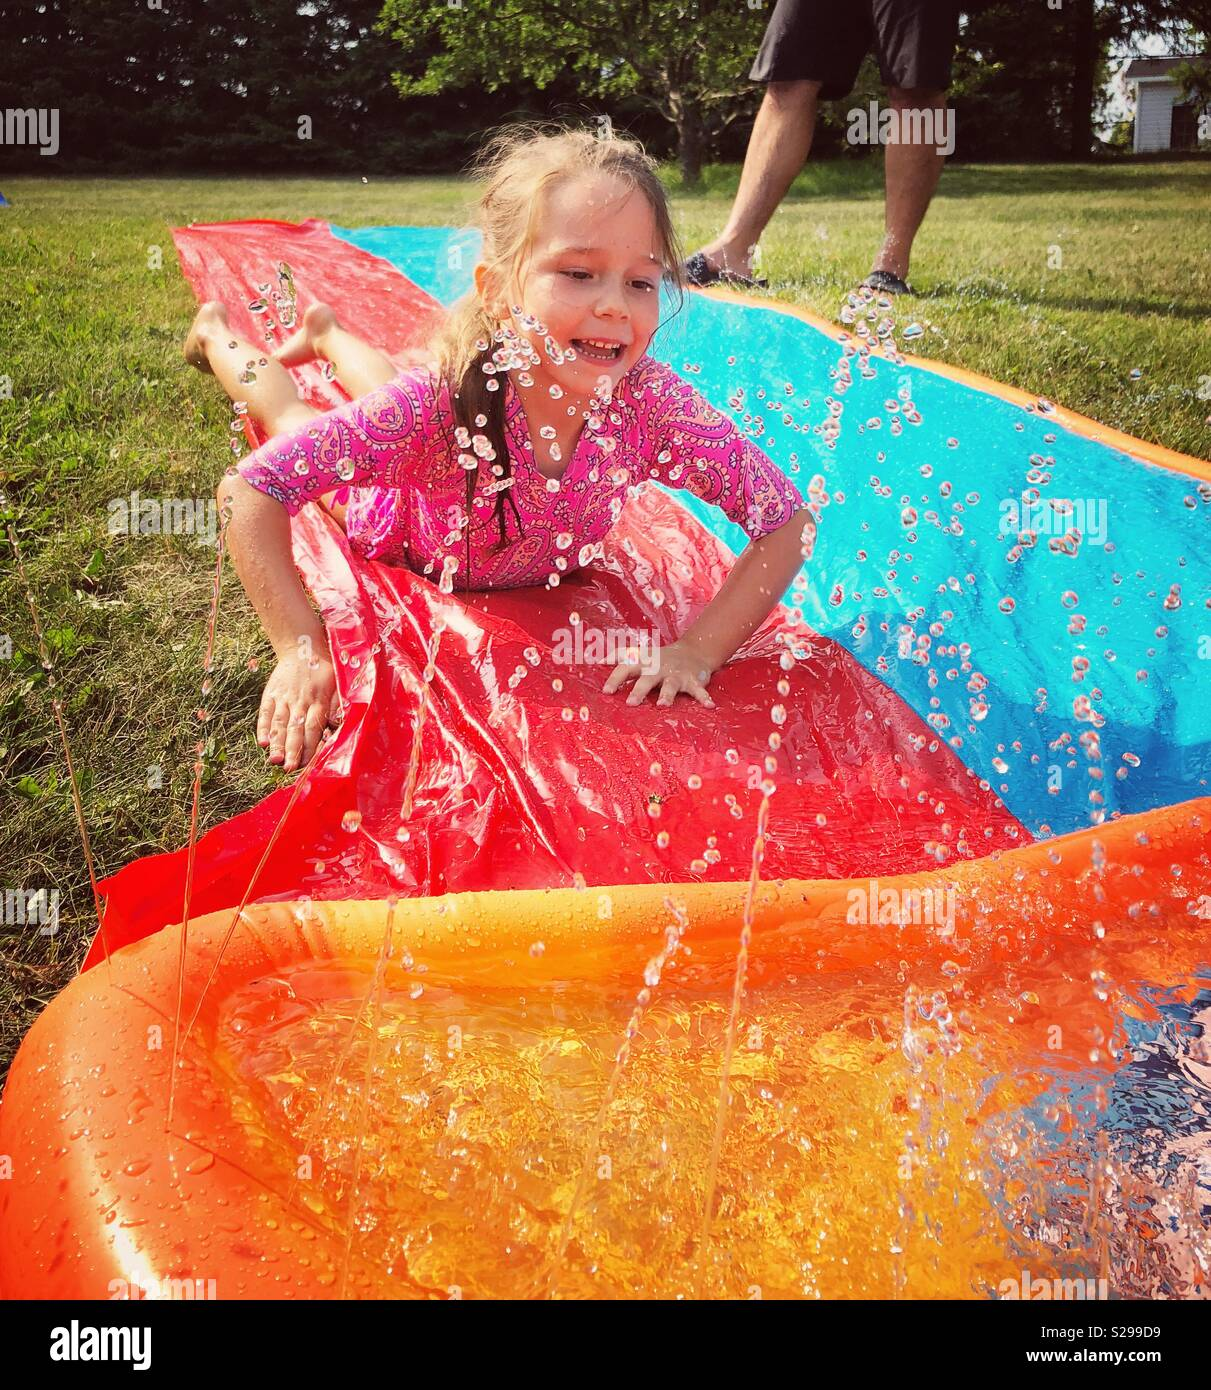 6 ans, fille, glissant sur l'eau en plastique à l'extérieur jouets glisser sprinkleur Photo Stock